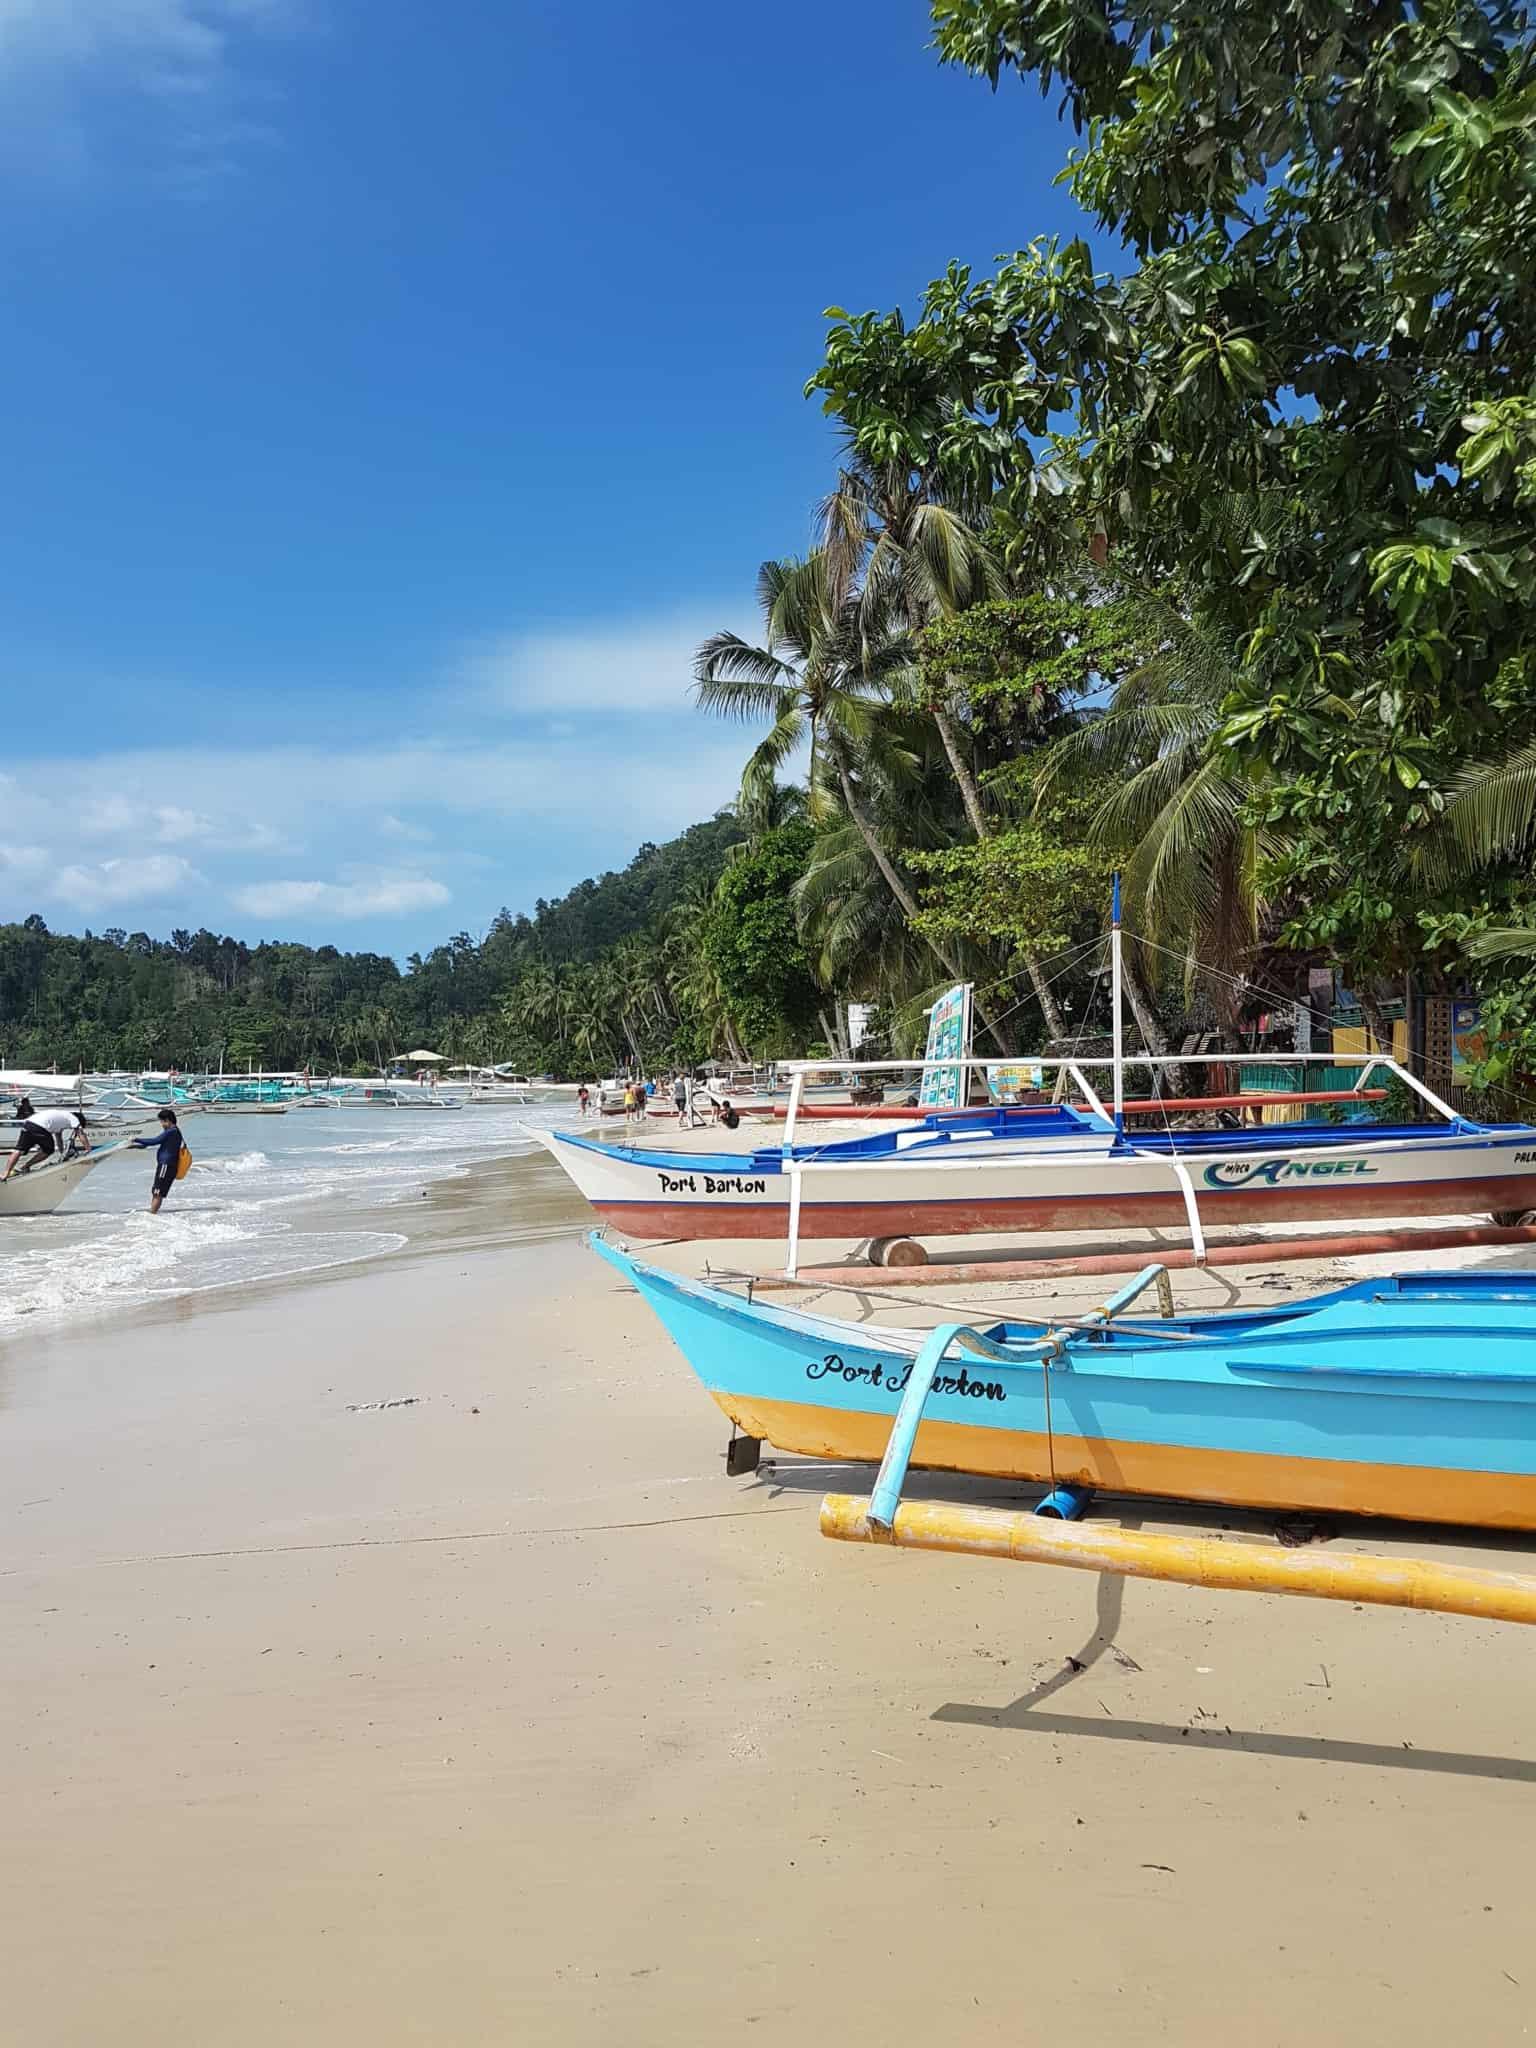 Philippines, comment je me suis retrouvée seule sur une île déserte 🧜♀️ 2